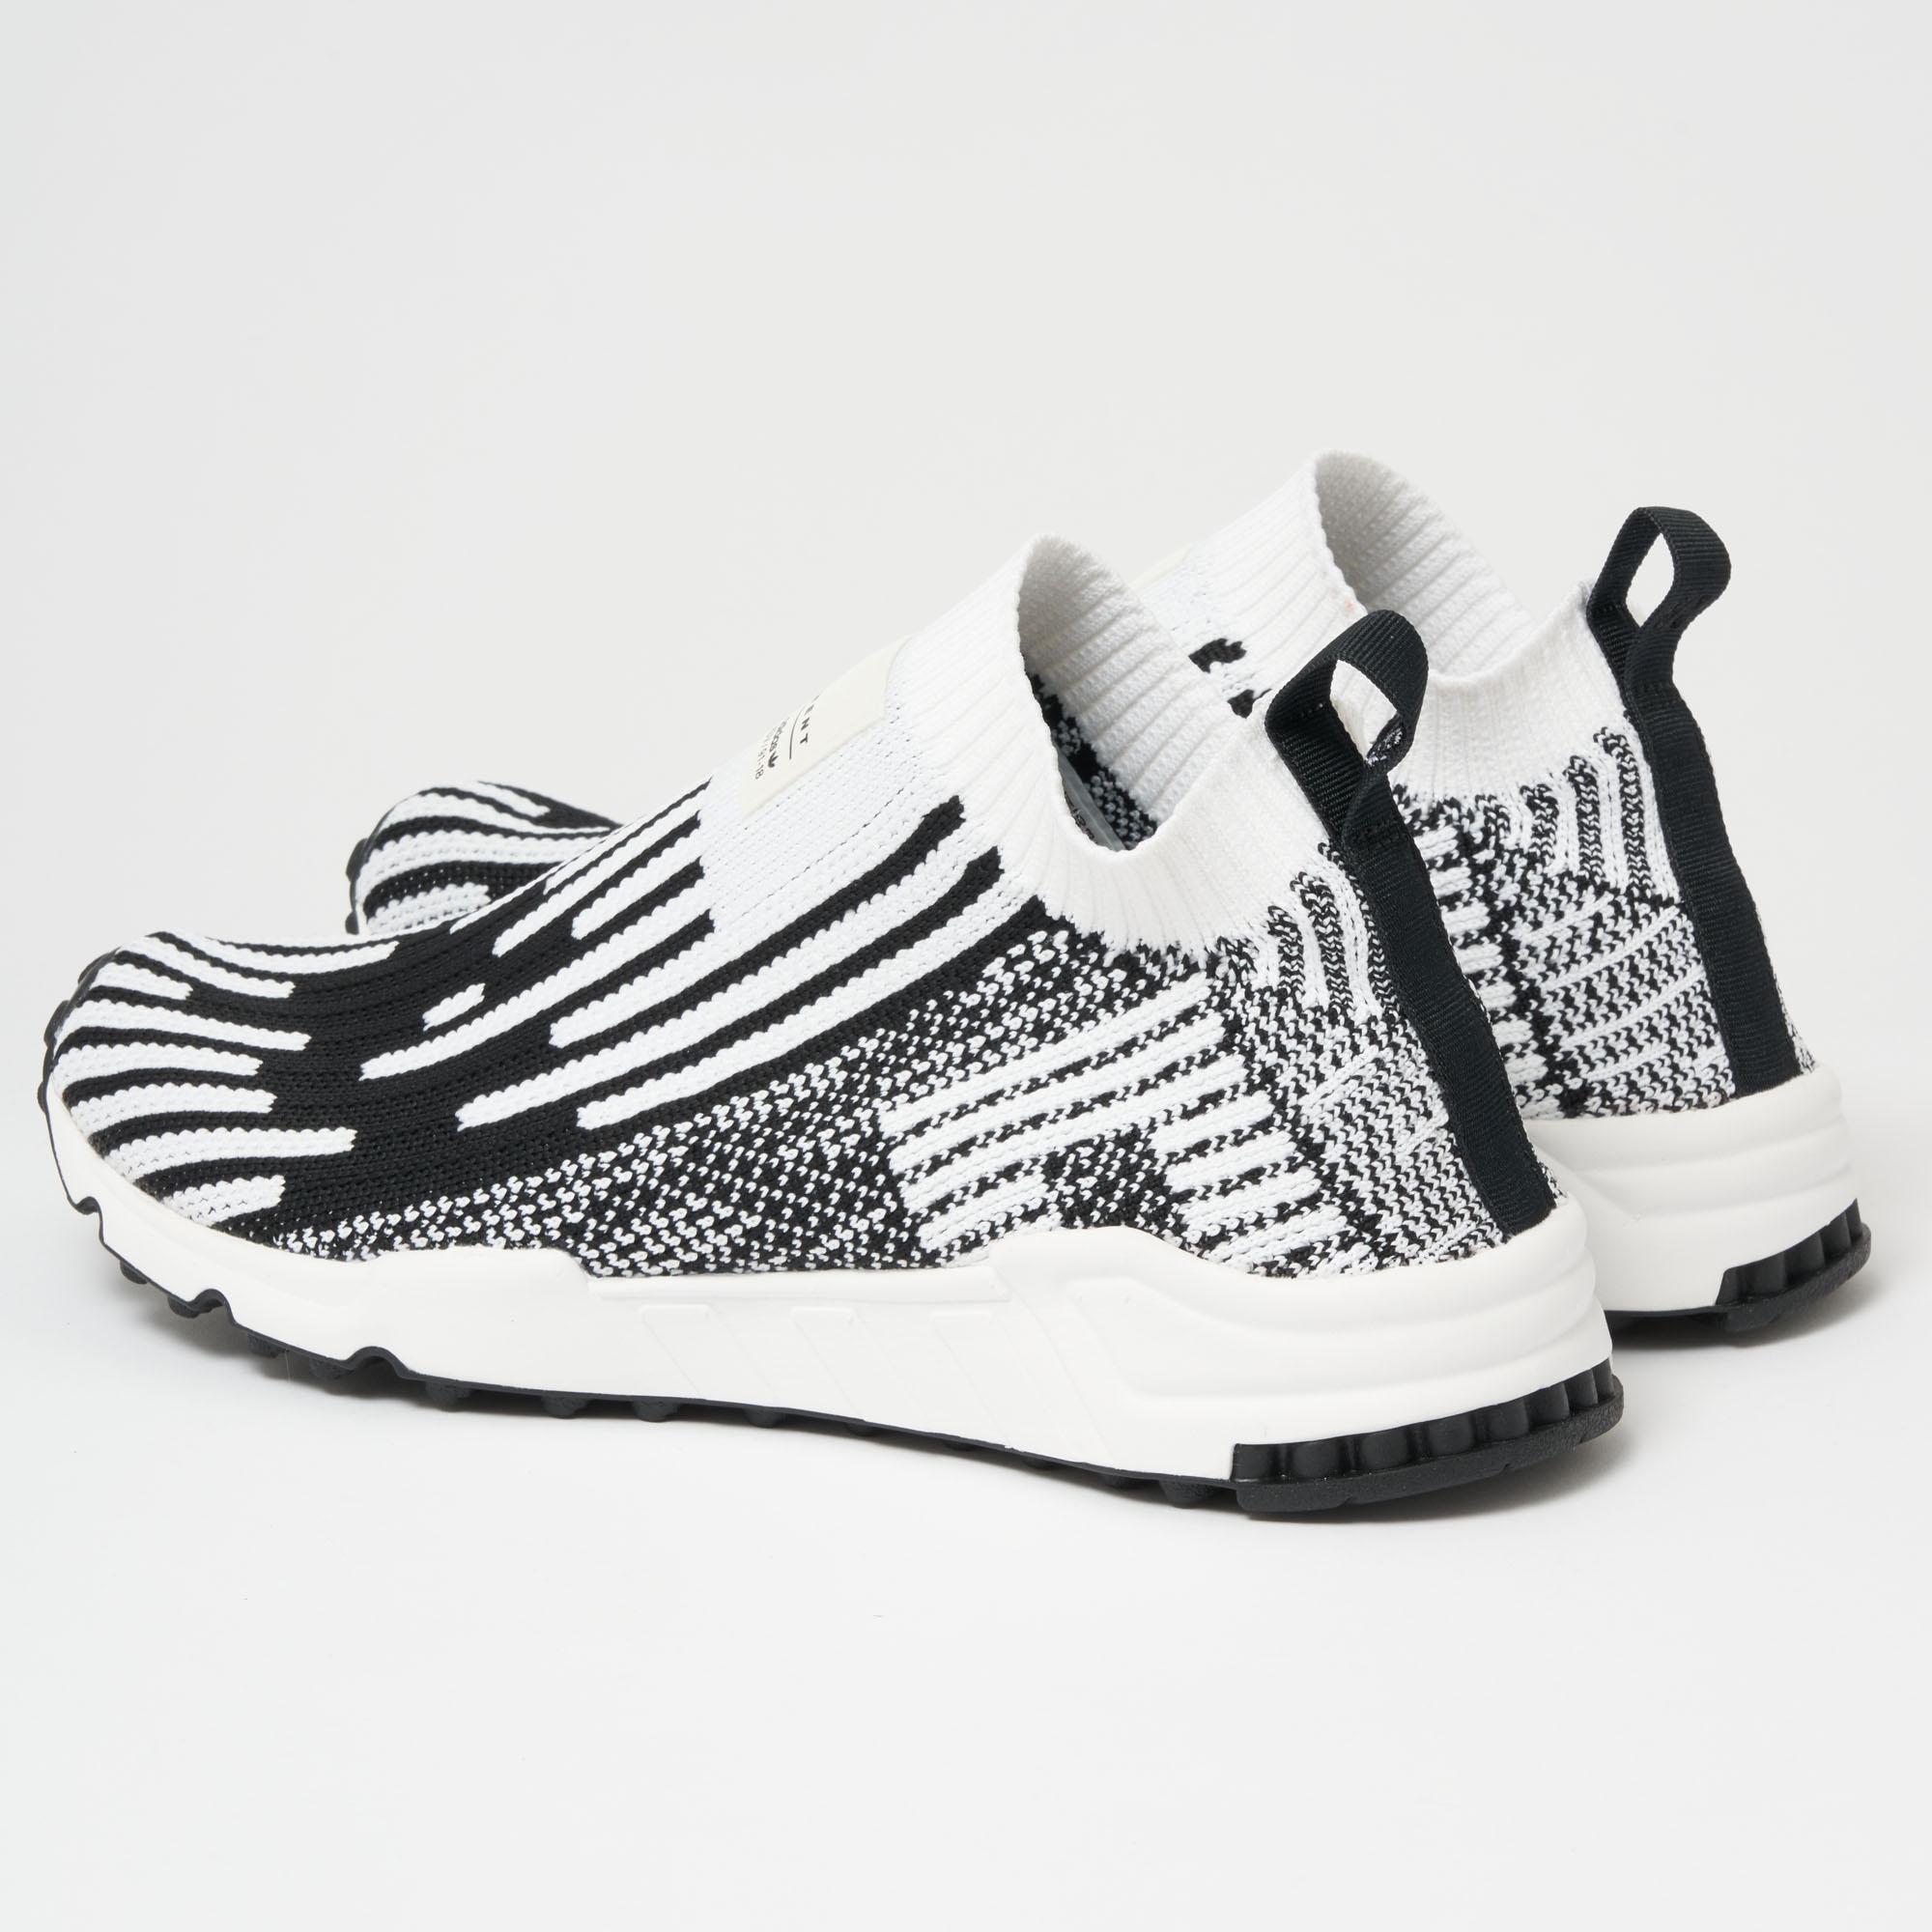 hot sales 6d937 06213 Lyst - adidas Originals Eqt Support Sock Primeknit - Ftwr Wh